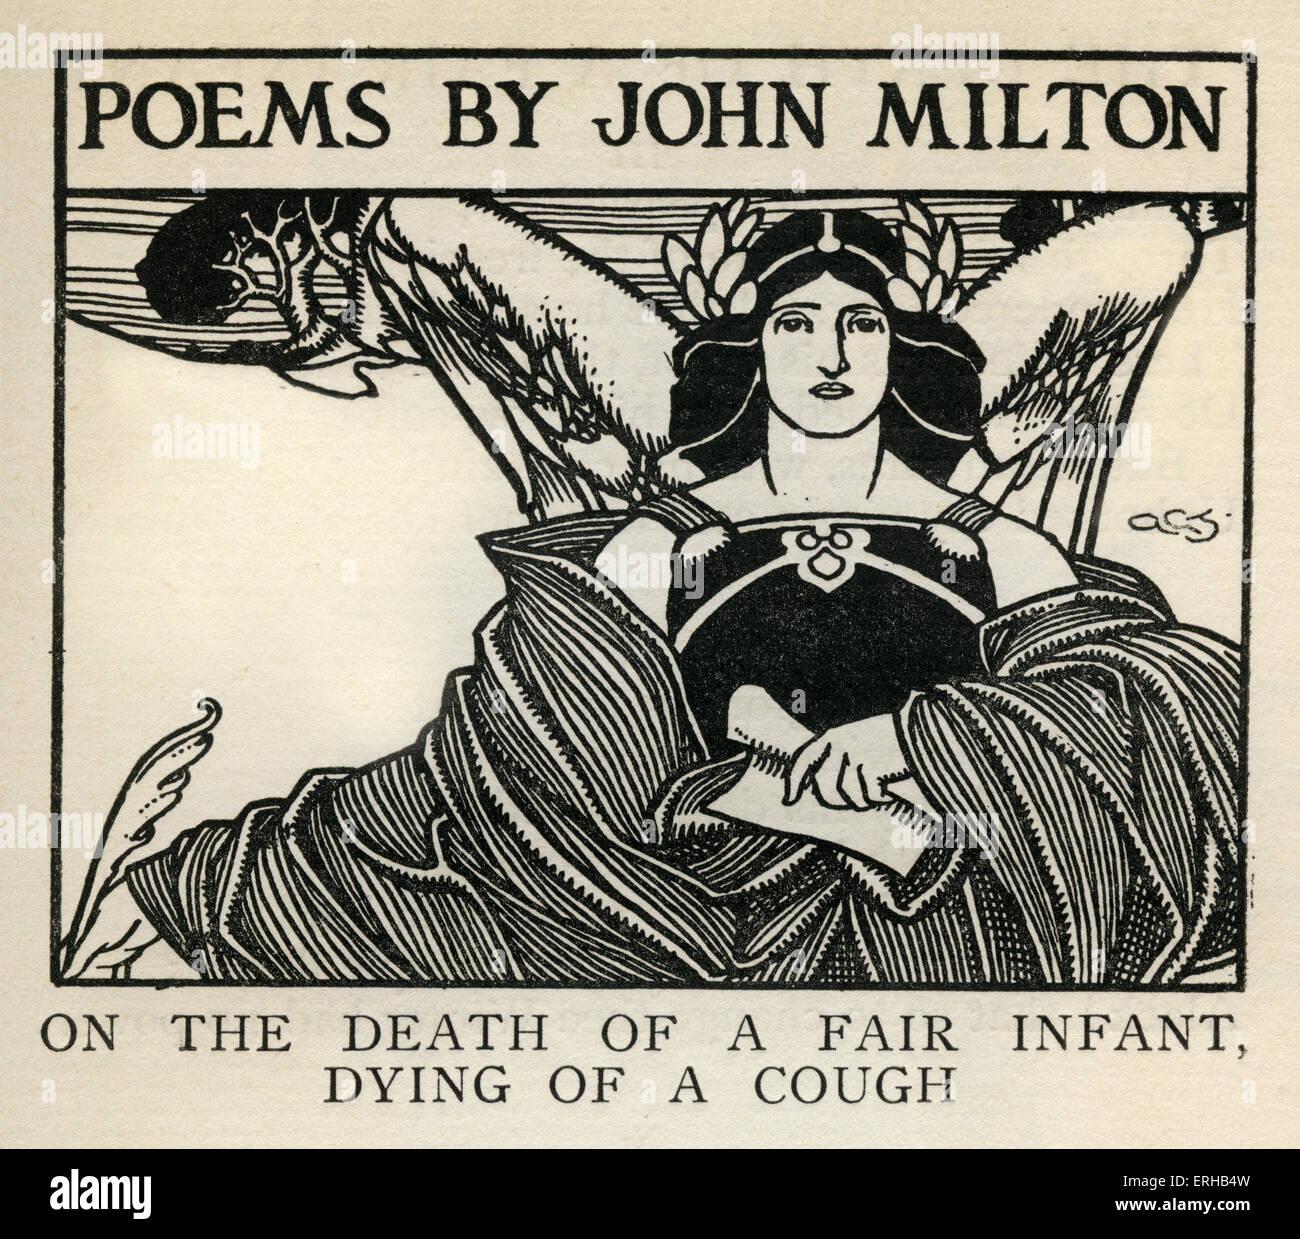 """A la muerte de un bebé justo, muriendo de una tos, por John Milton (1608-1674). Publicado en poemas de 1645, título reza: """"Poemas Foto de stock"""